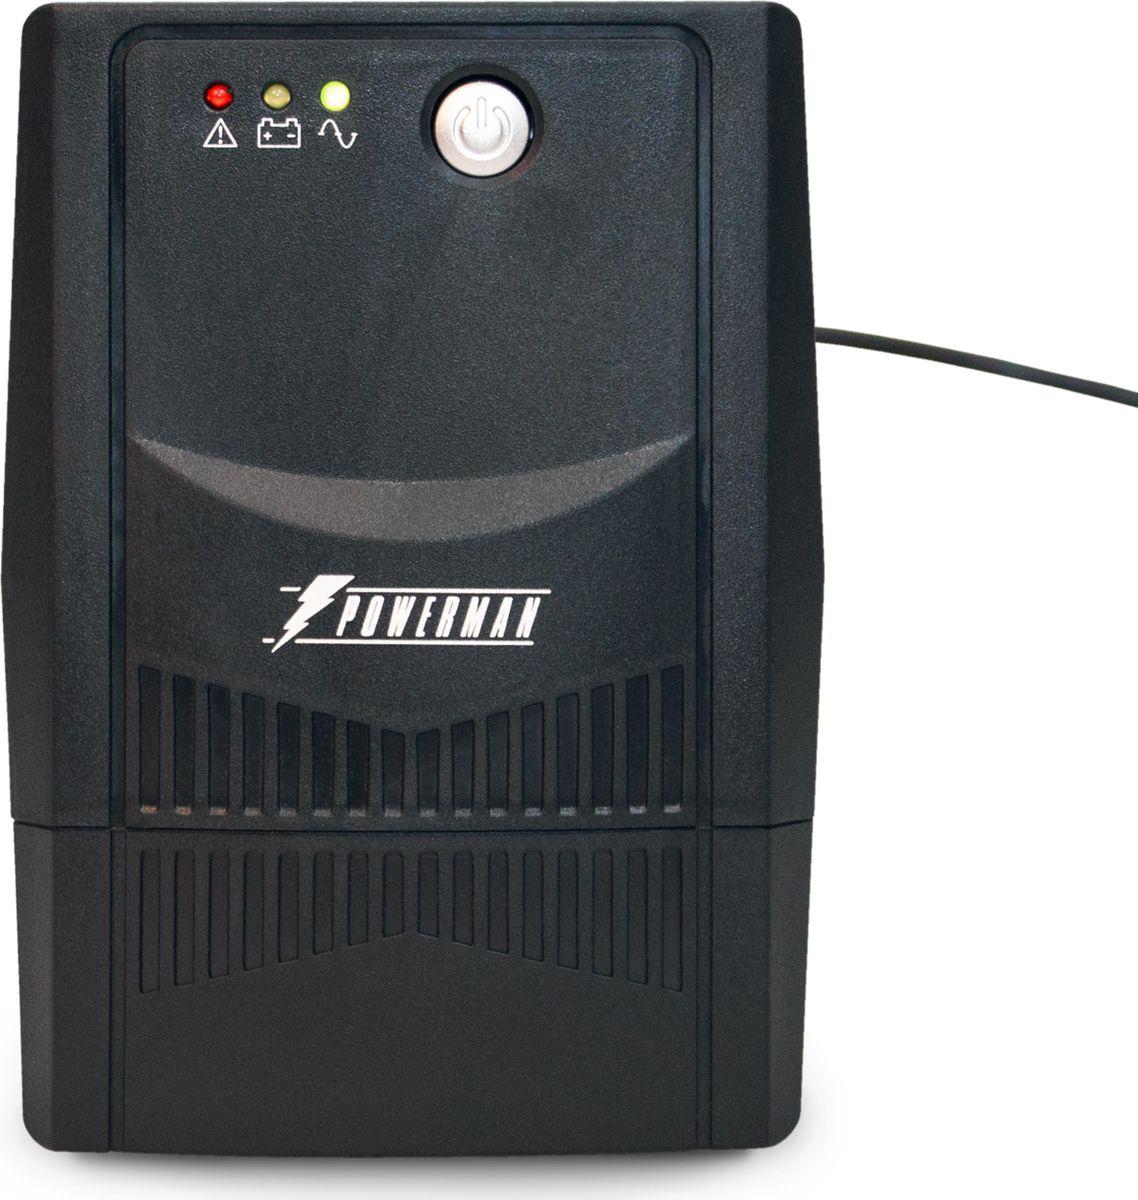 Источник бесперебойного питания Powerman UPS Вack Pro 800I Plus (IEC320), 800 ВА источник бесперебойного питания powerman ups вack pro 1000 1000 ва